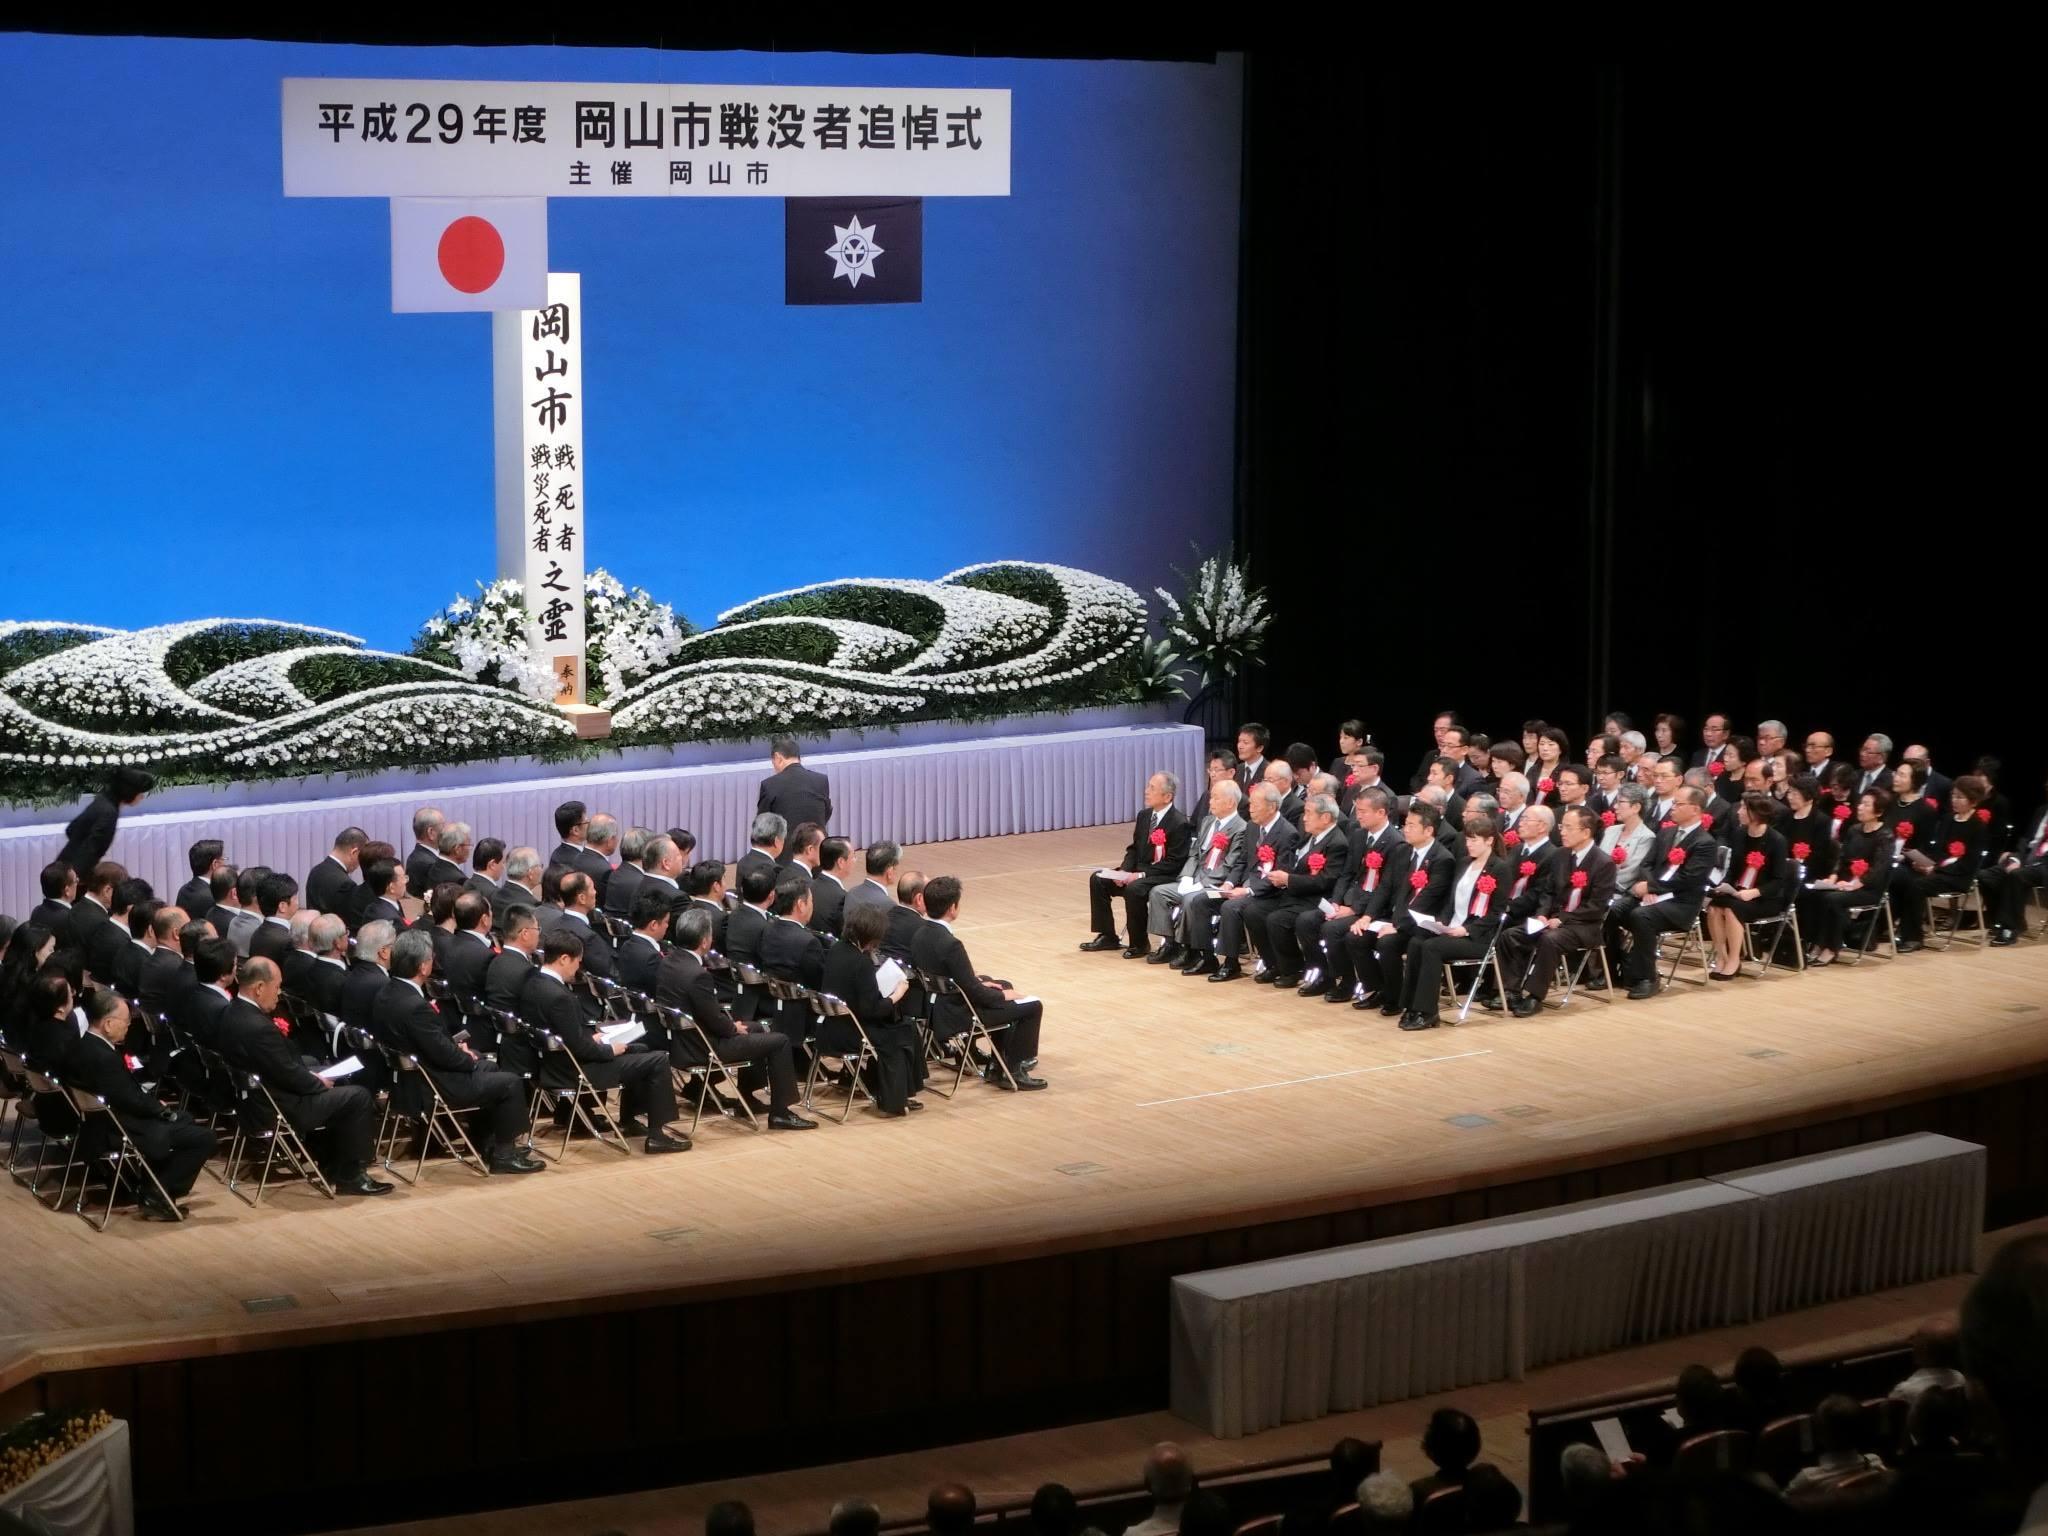 岡山市戦没者追悼式と空襲被害者援護法